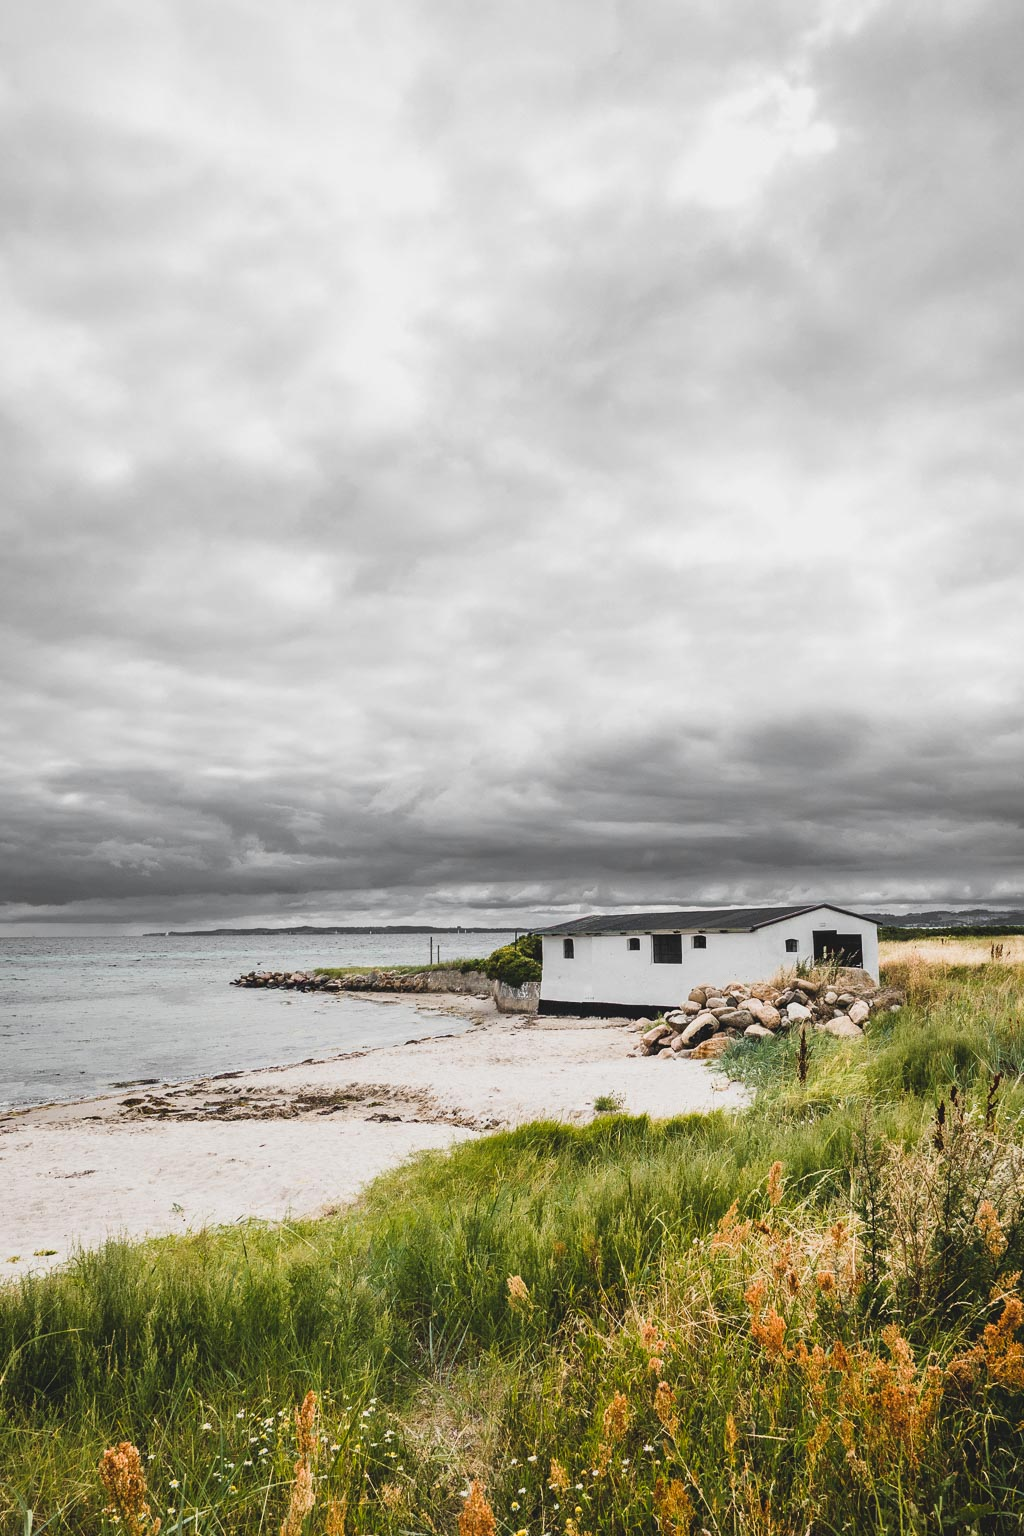 Egsmark Strand Urlaub in Djursland: Ausflugsziele und Sehenswürdigkeiten rund um Ebeltoft Dänemark